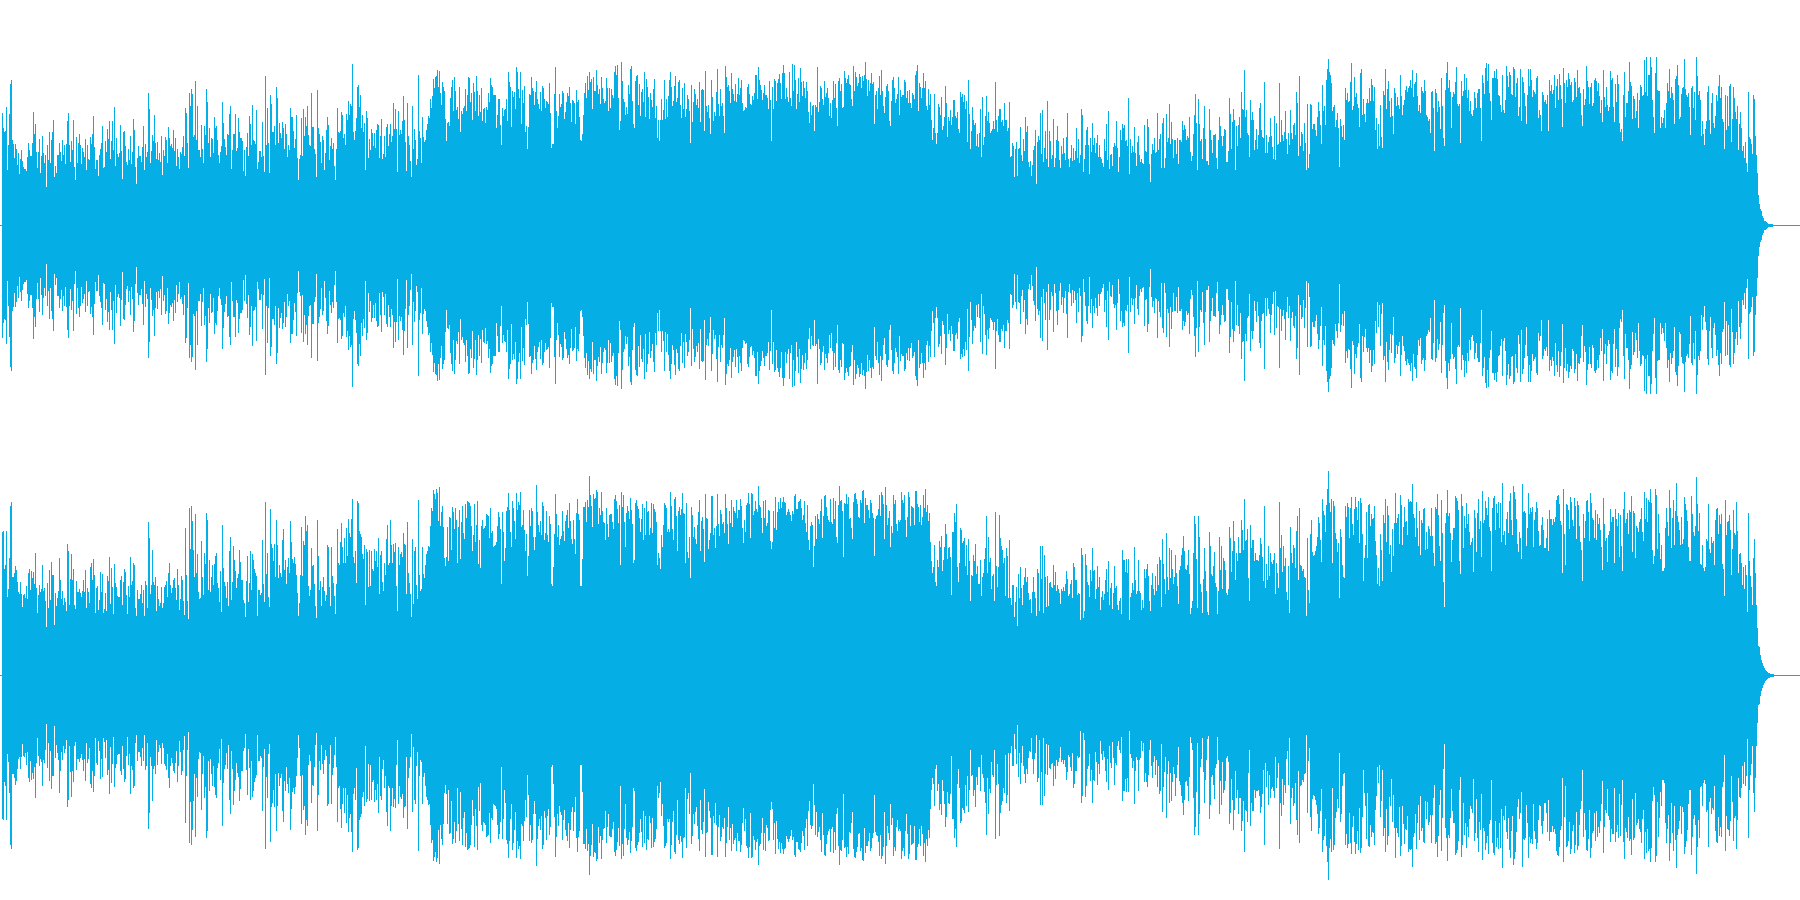 優雅なボサノバ風マイナーフュージョンの再生済みの波形